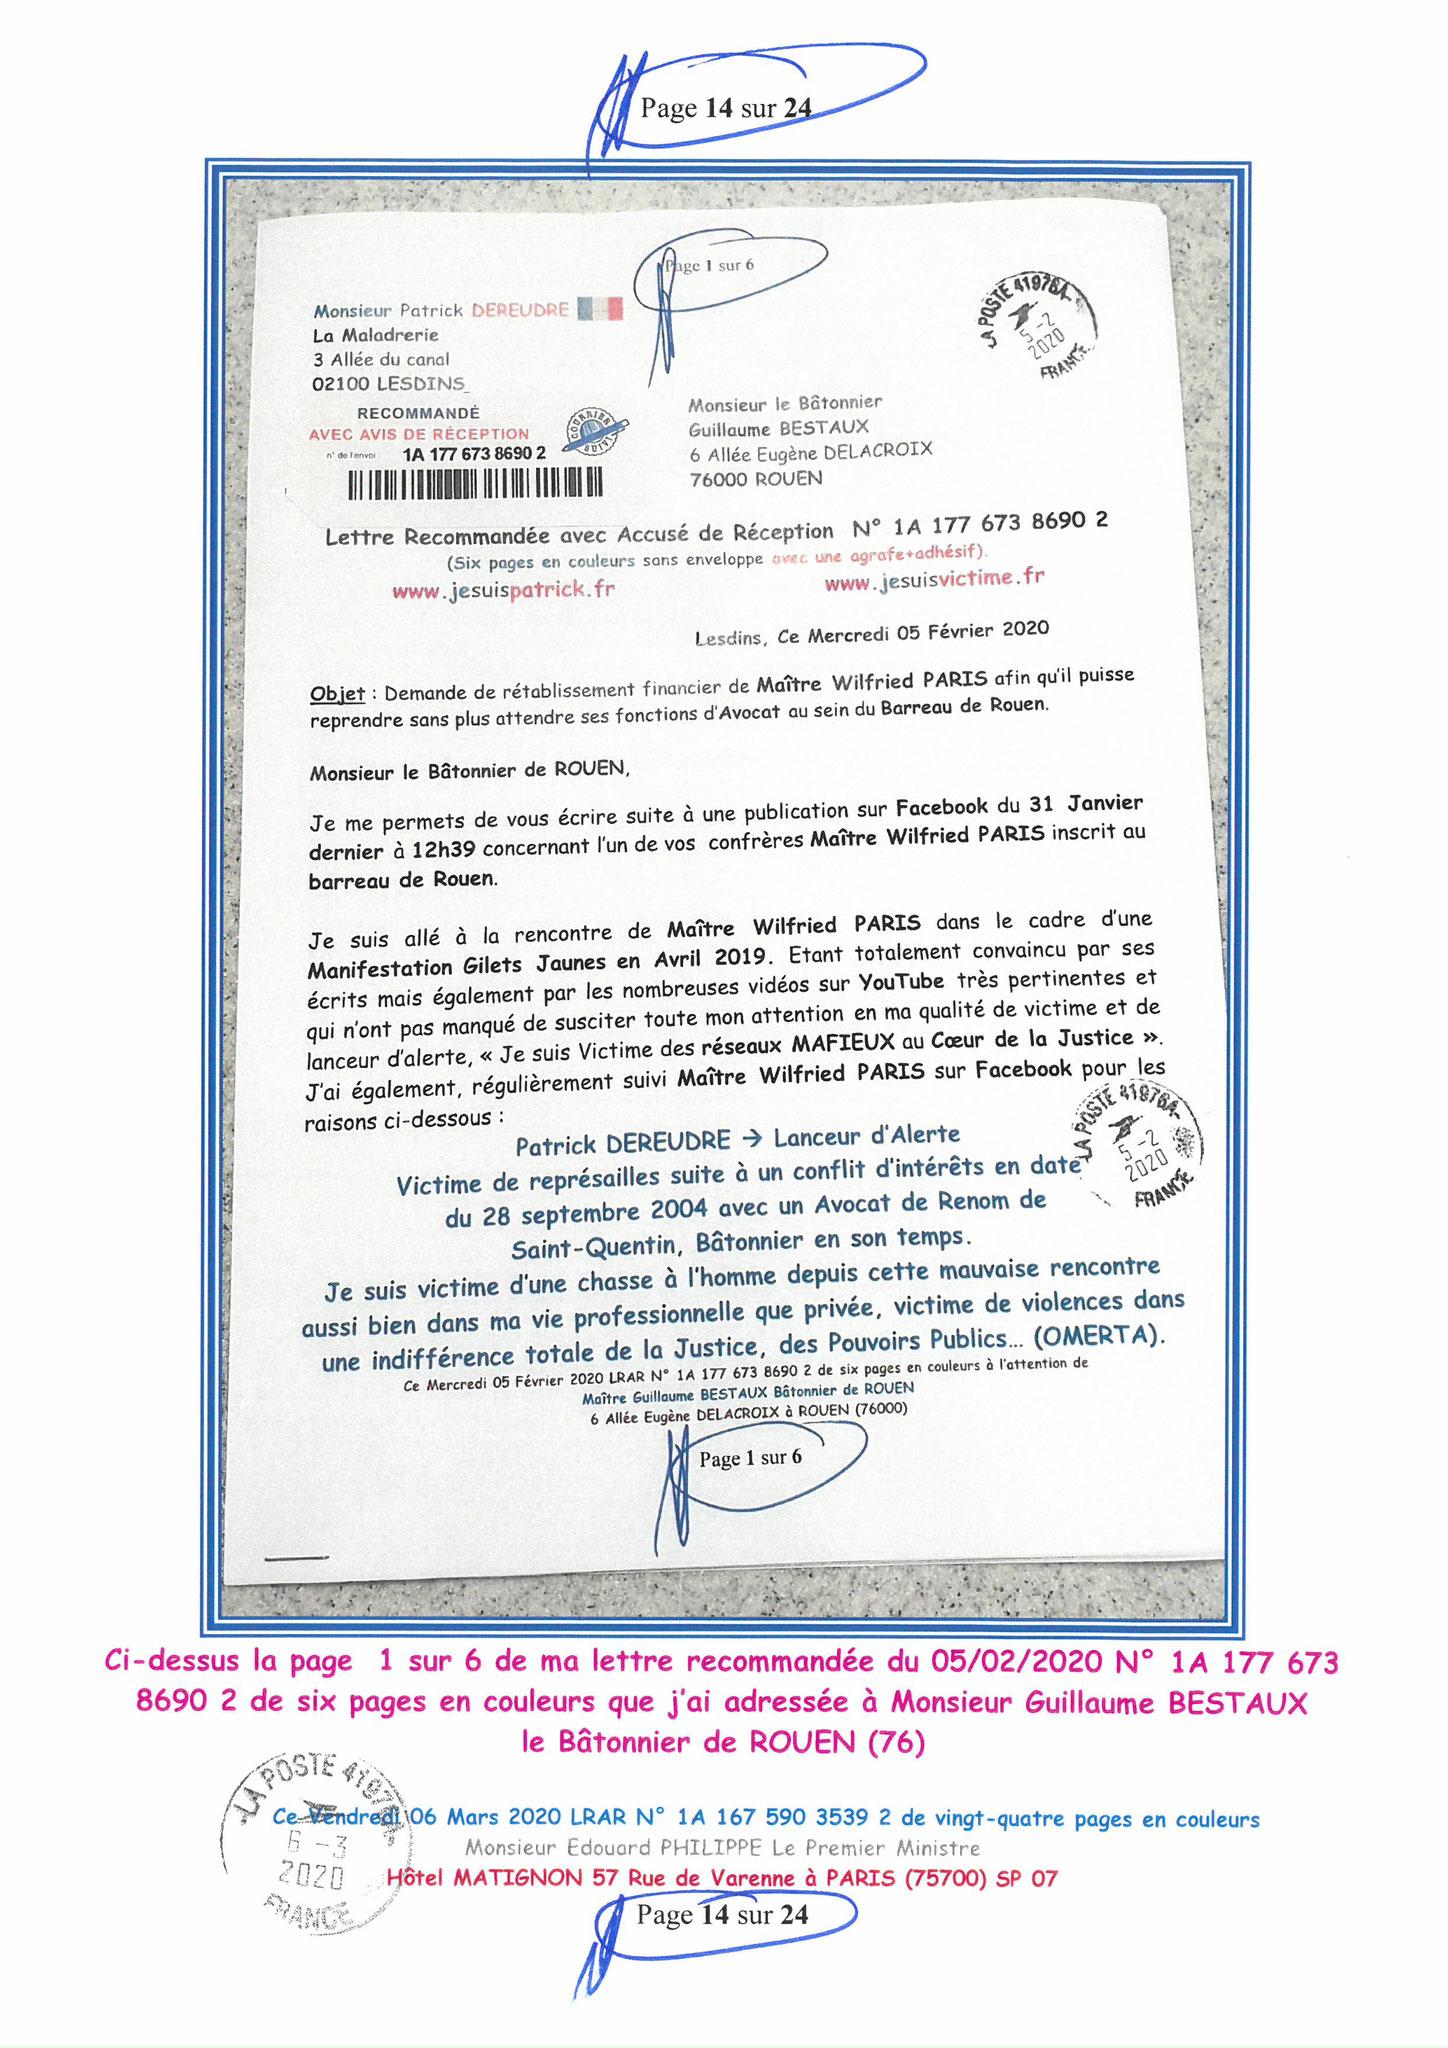 Ma LRAR à Monsieur le  Premier Ministre Edouard PHILIPPE N° 1A 167 590 3539 2 Page 14 sur 24 en Couleur du 06 Mars 2020  www.jesuispatrick.fr www.jesuisvictime.fr www.alerte-rouge-france.fr